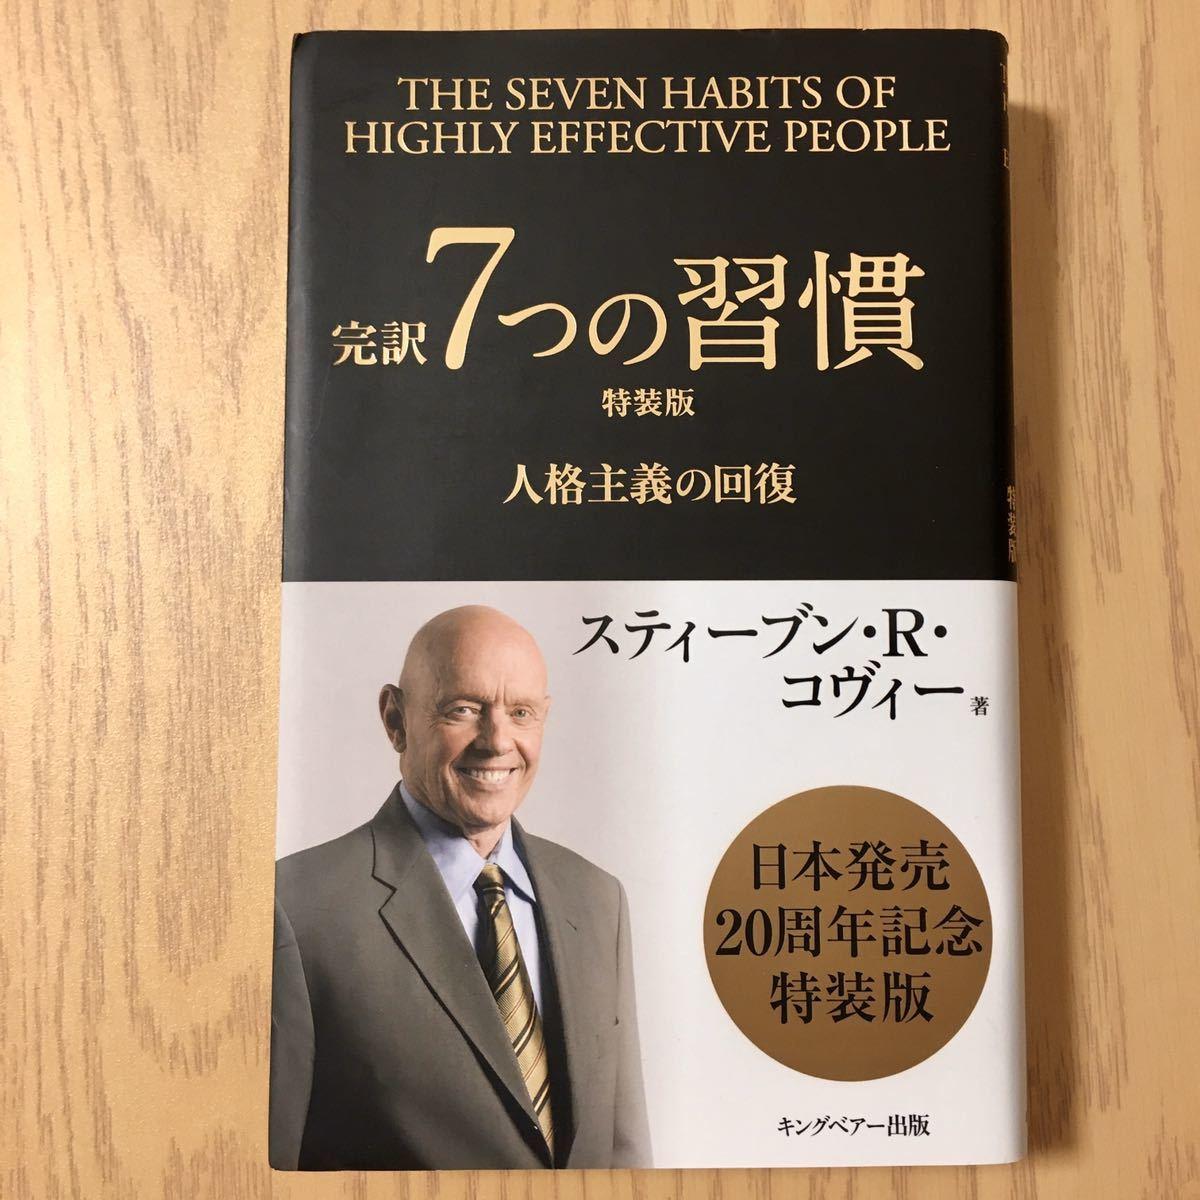 つの 本 七 習慣